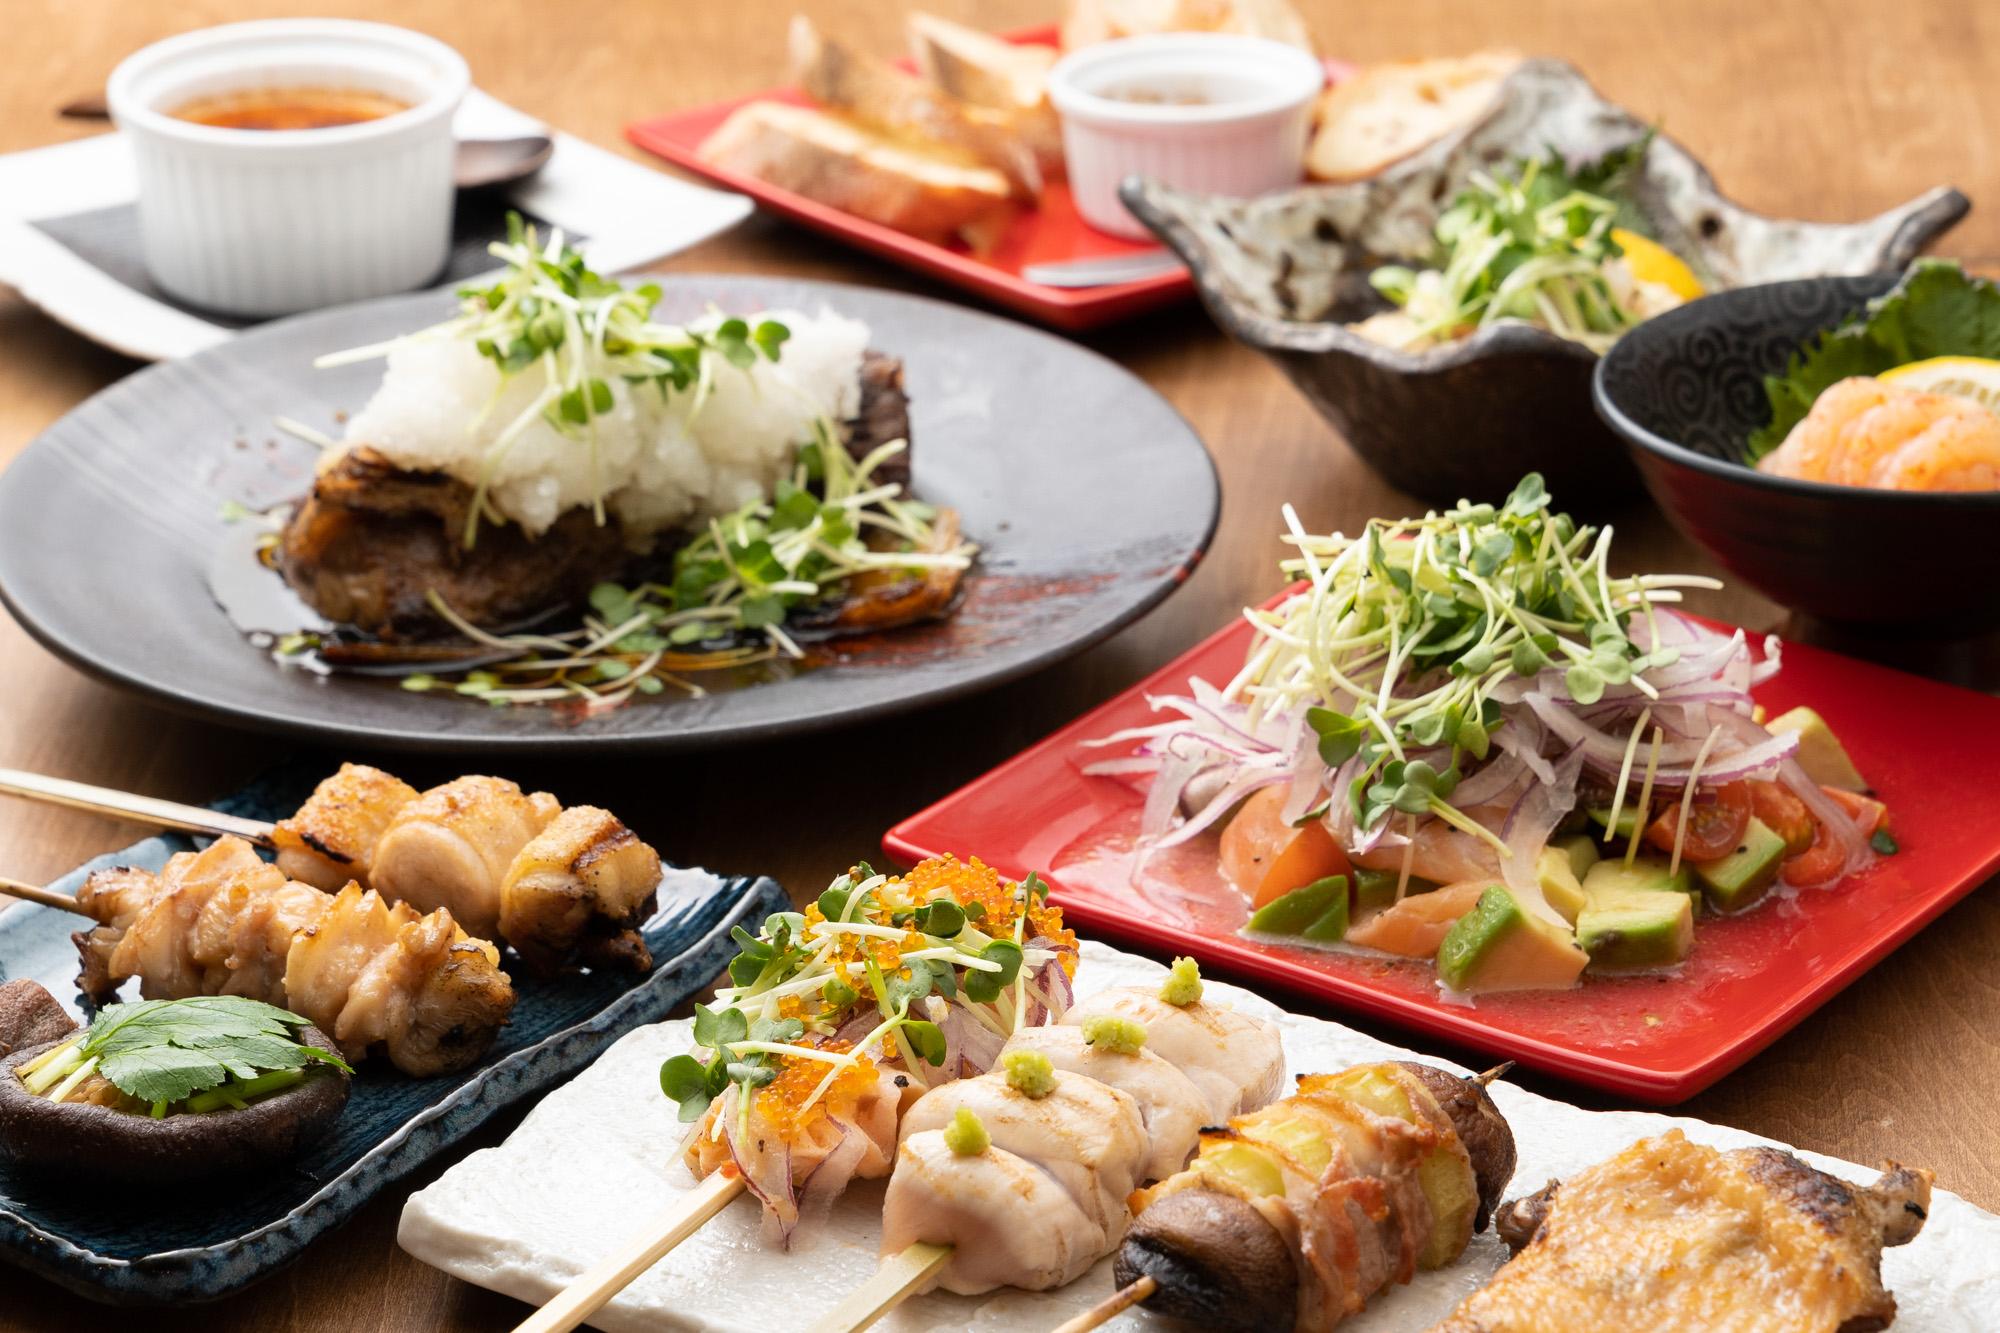 福岡市内・西新駅周辺にある焼き鳥居酒屋「串 はいろ」さんのクチコミレポート。カフェのようなおしゃれな店内で焼き鳥と創作串、ワインが楽しめるお店